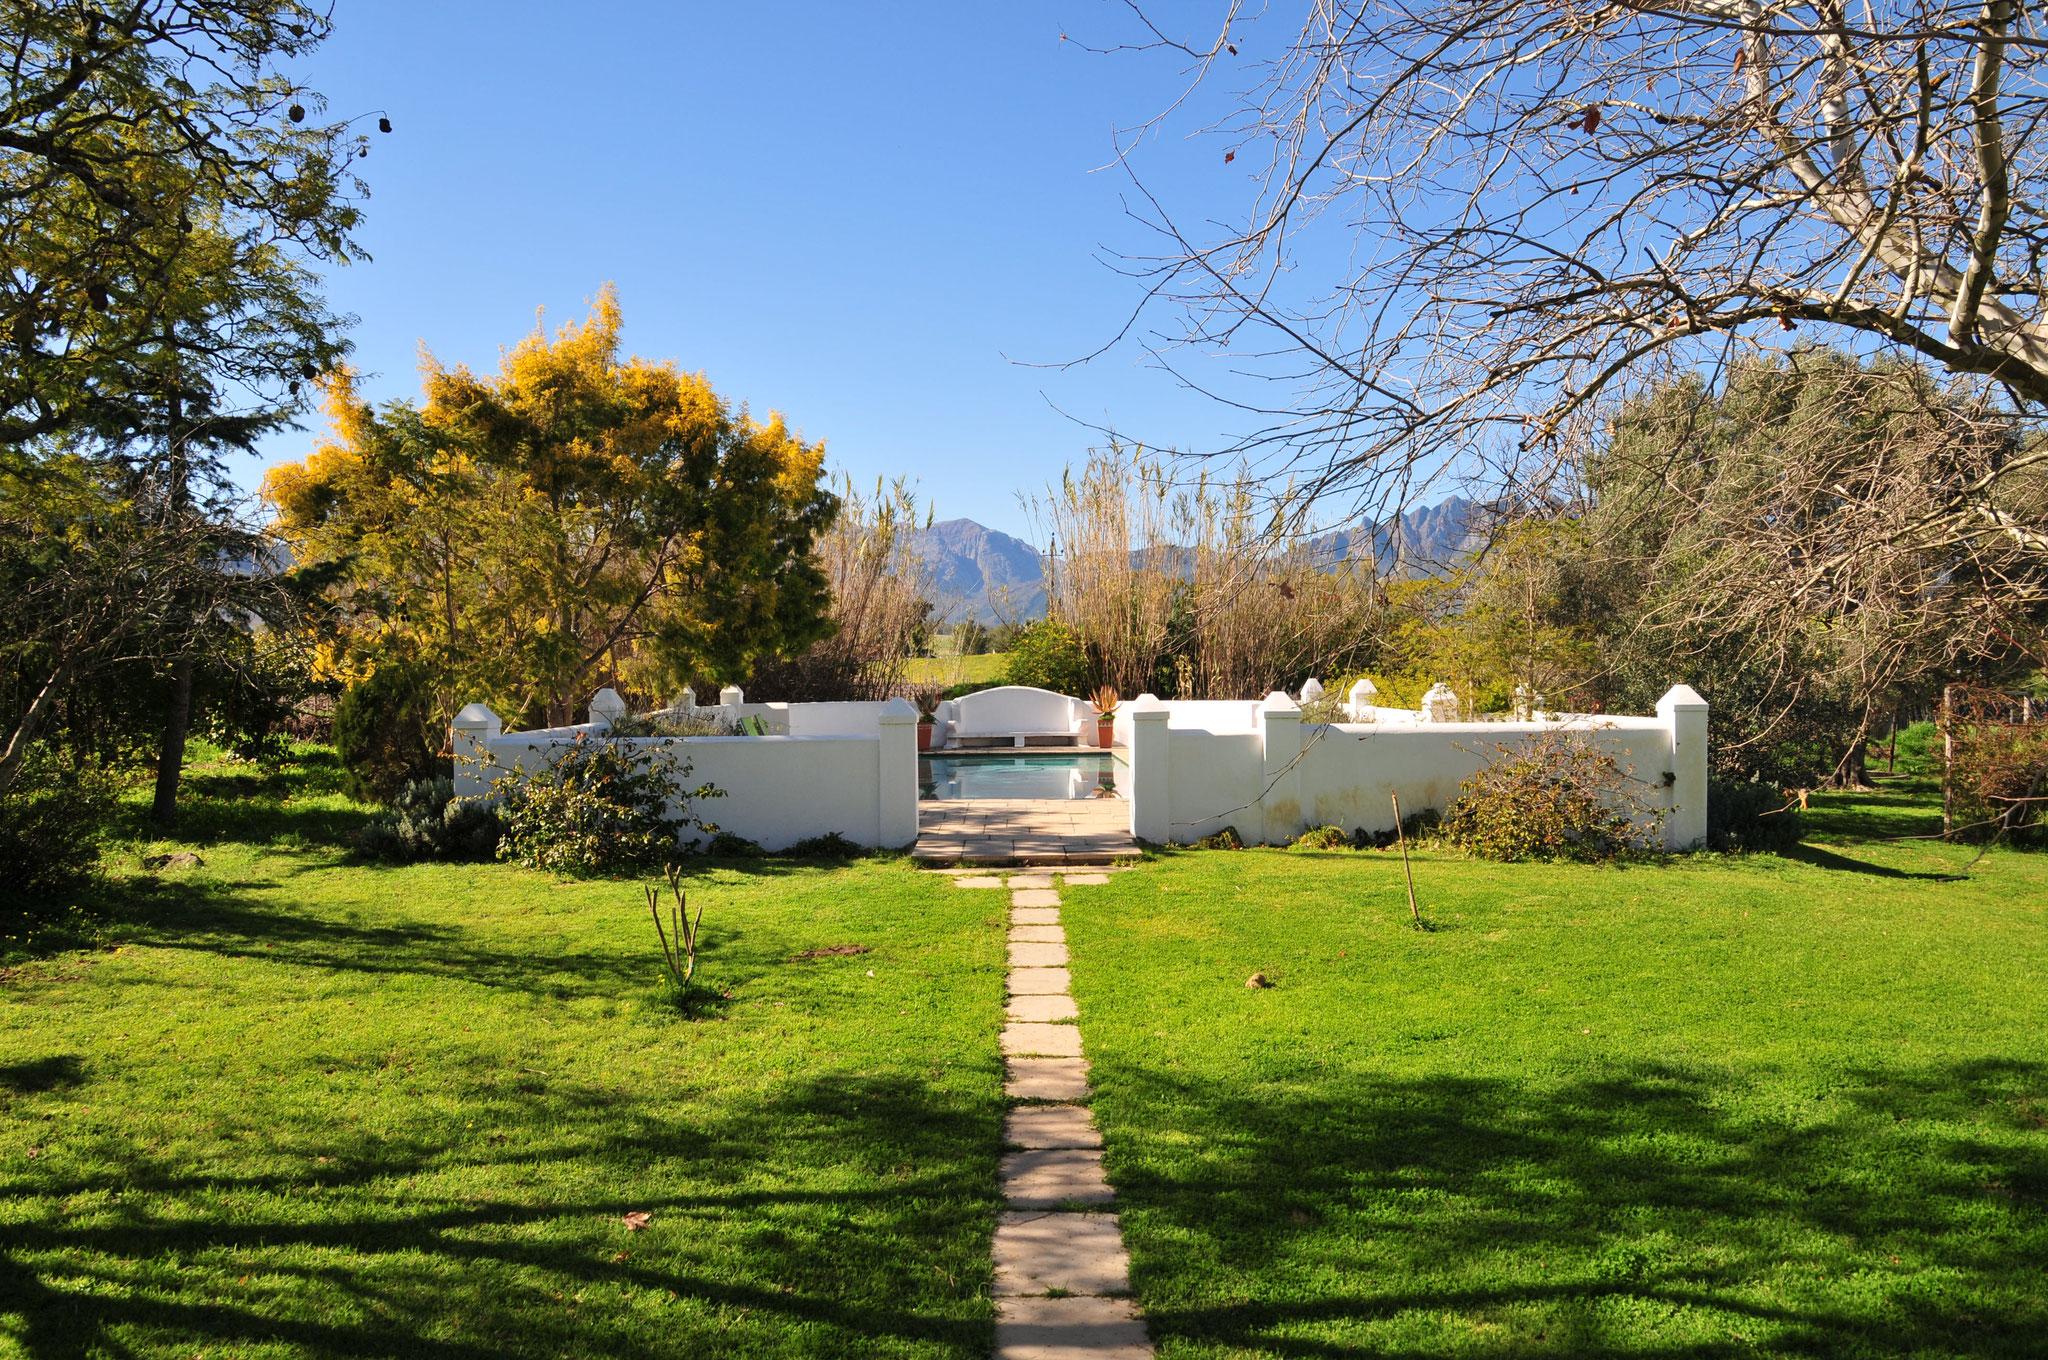 ...und ein Pool. Am Nachmittag via Paarl, an Stellenbosch vorbei nach Kapstadt (Cape Town)